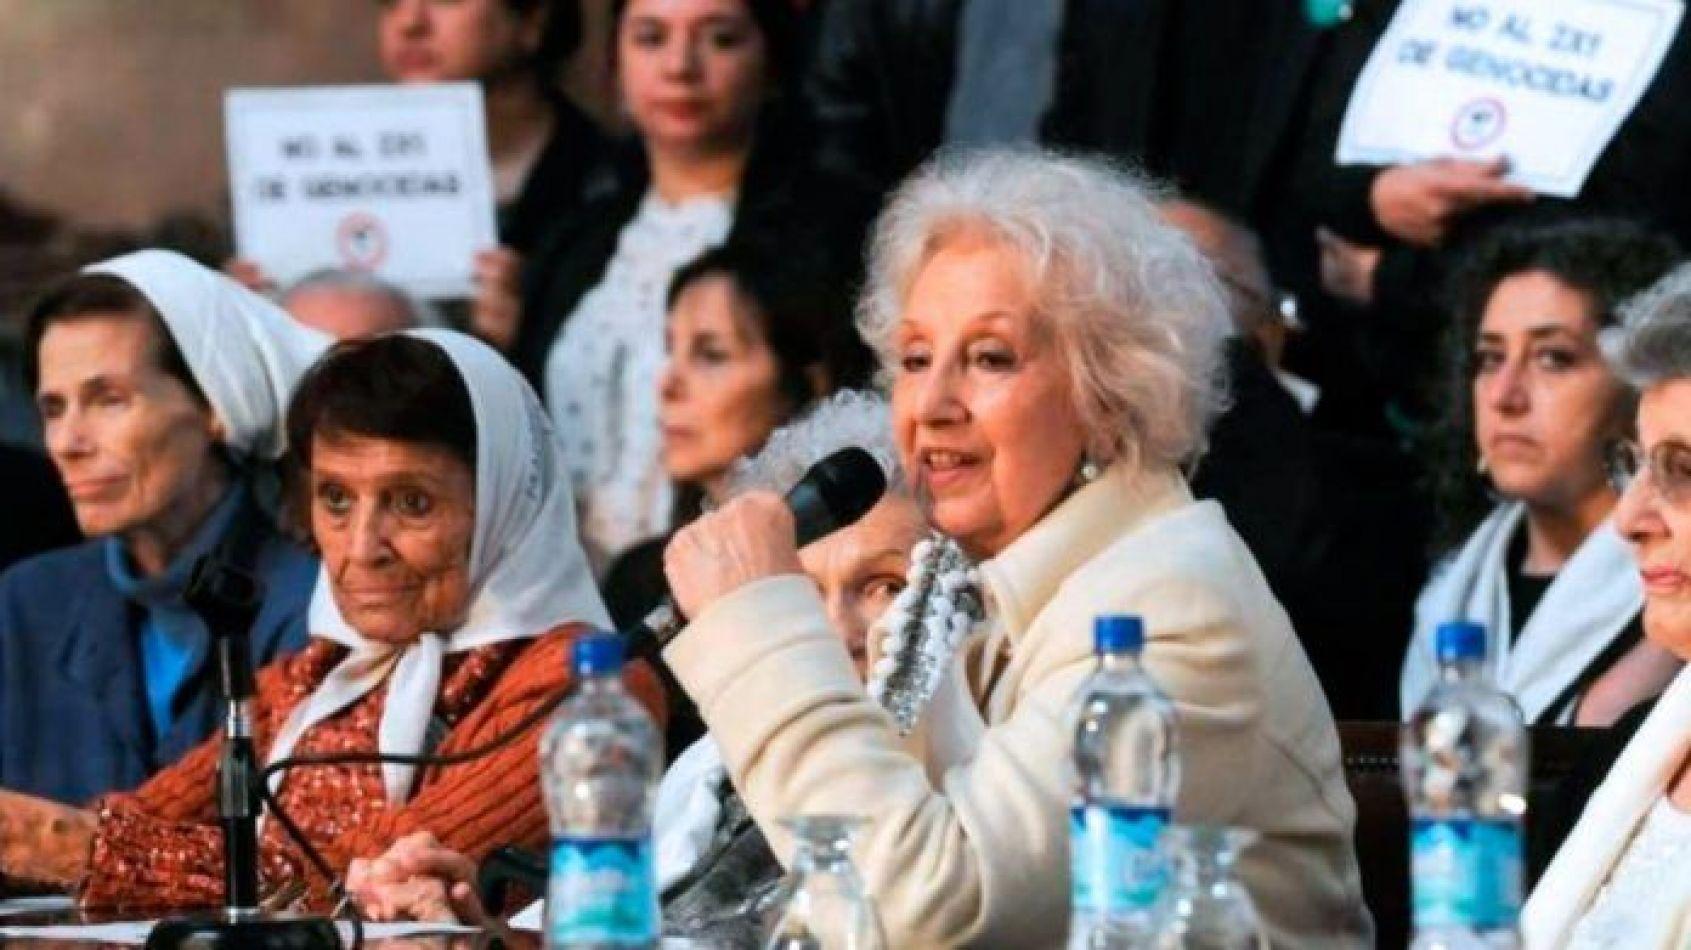 el organismo presidido por Estela de Carlotto convocó a una conferencia de prensa este jueves, a las 13, donde darán a conocer detalles